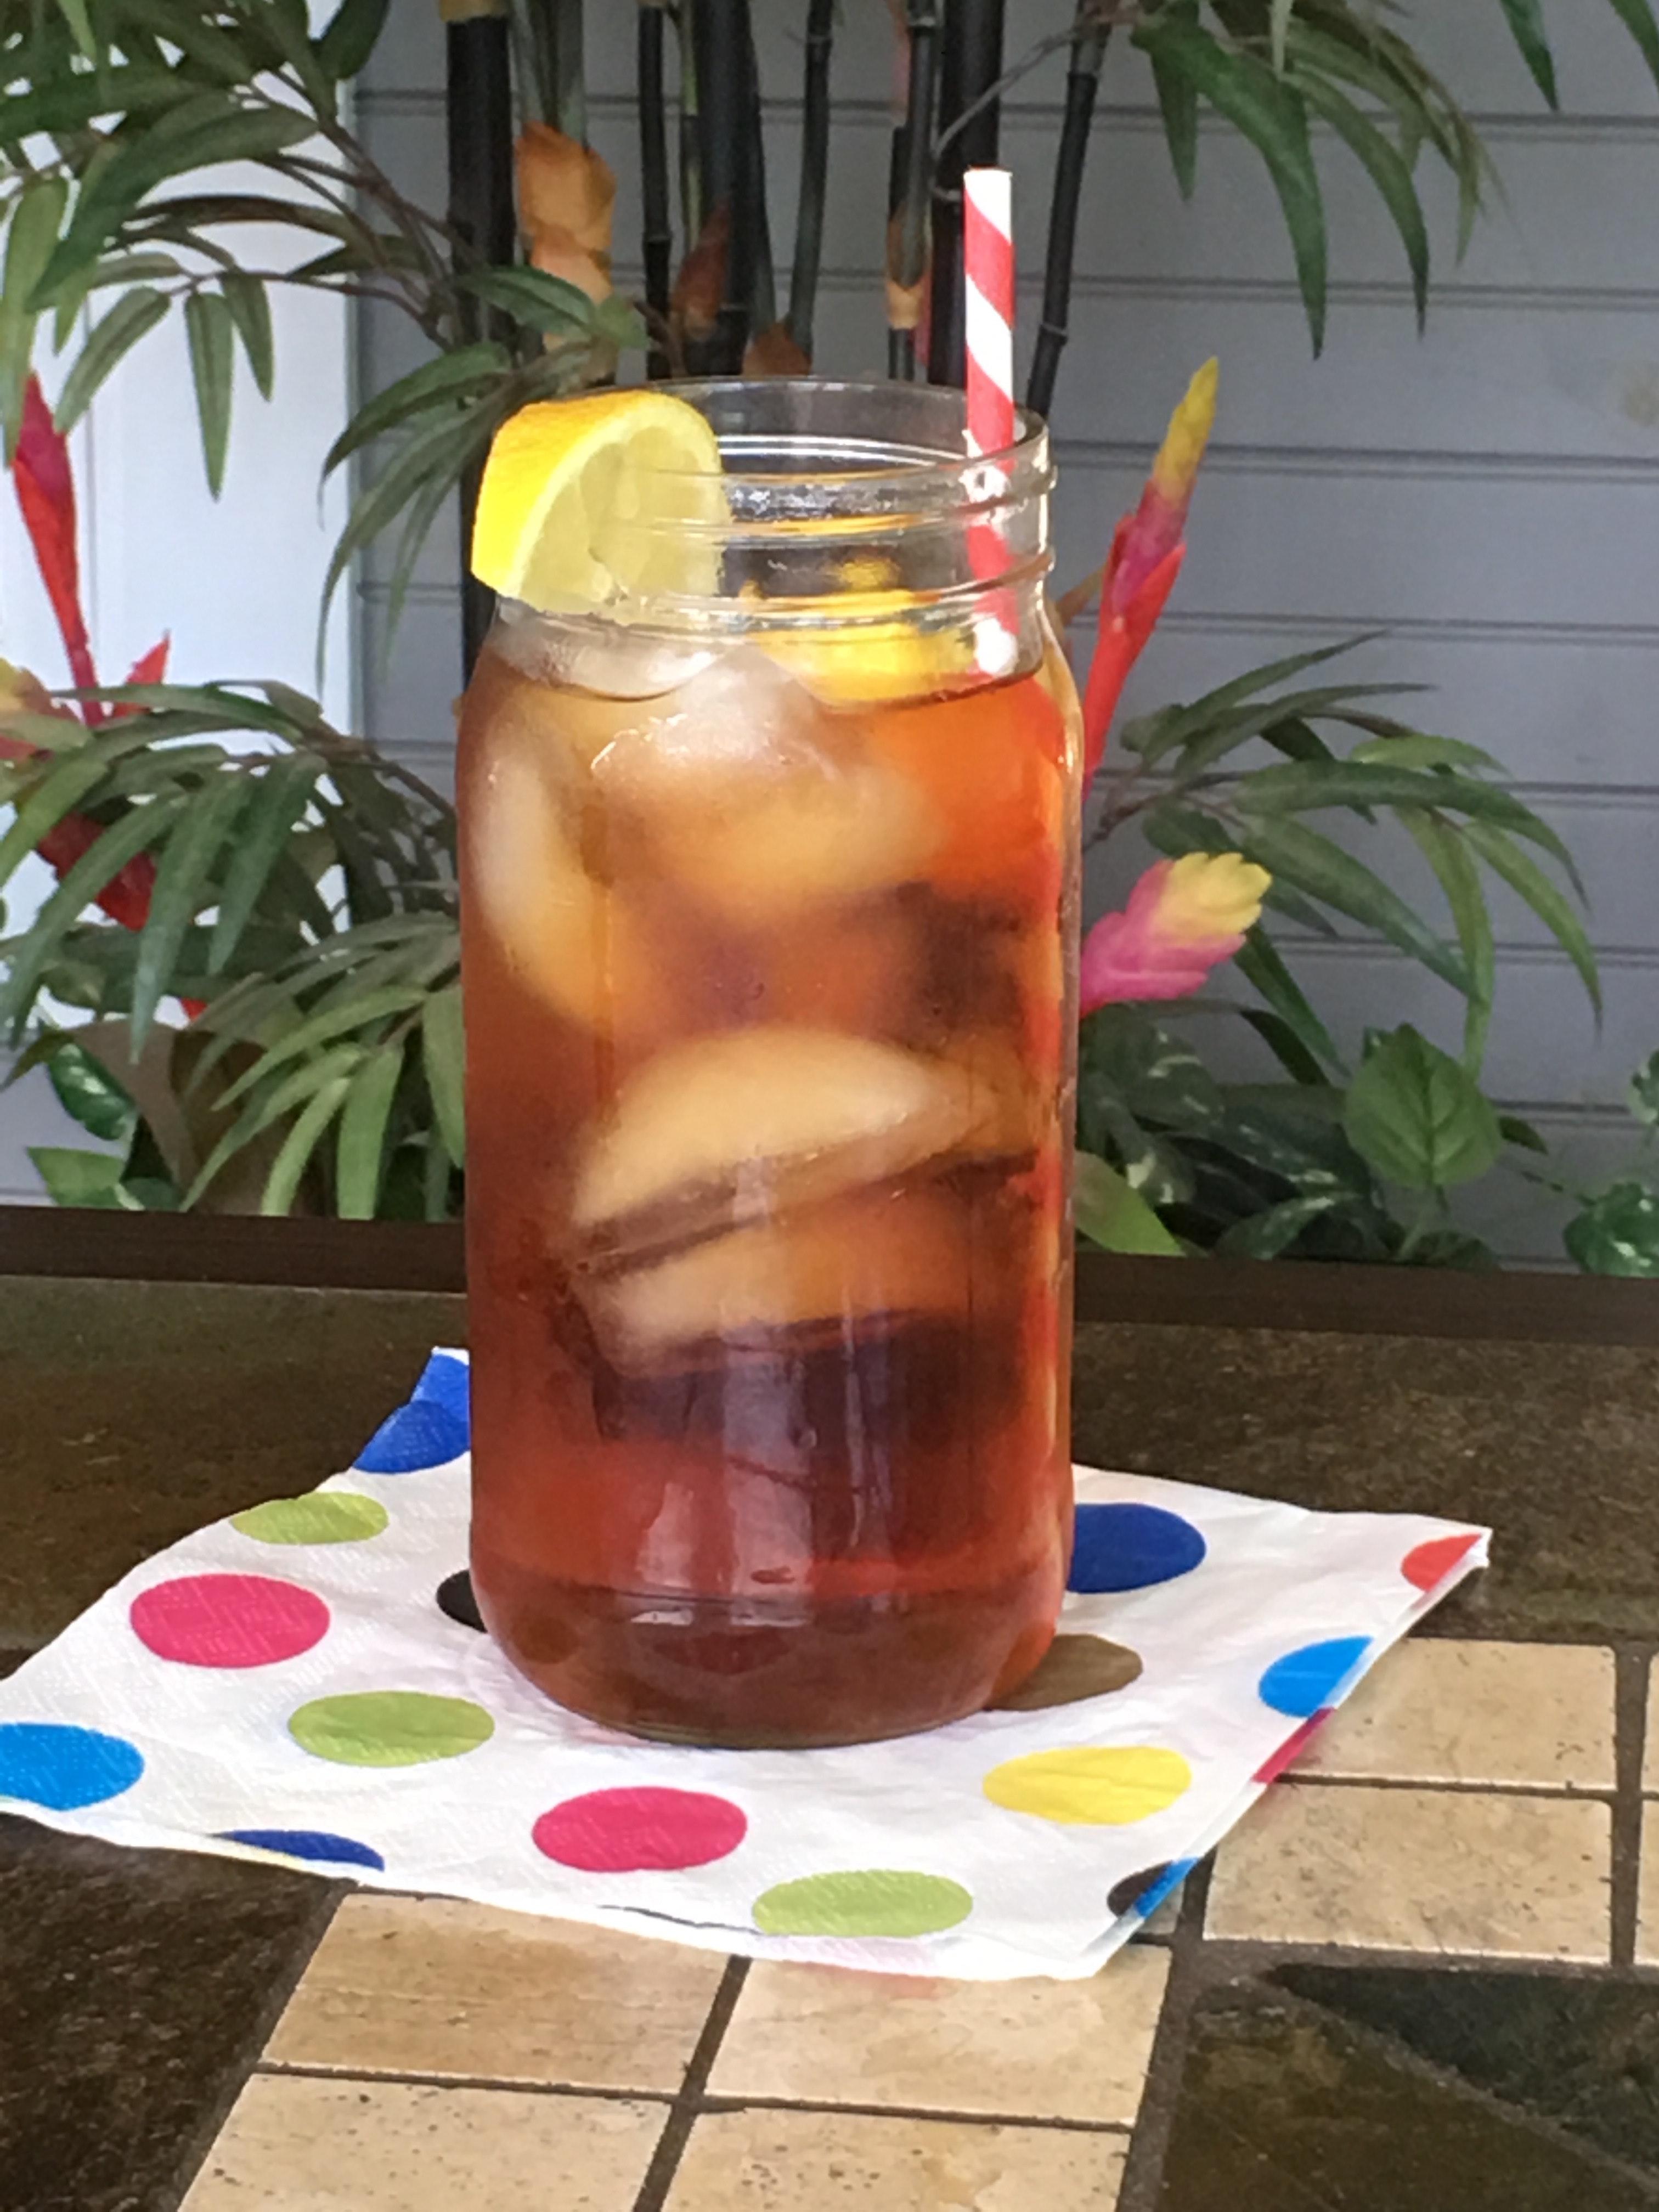 iced-tea-lemon-paper-straw-978364